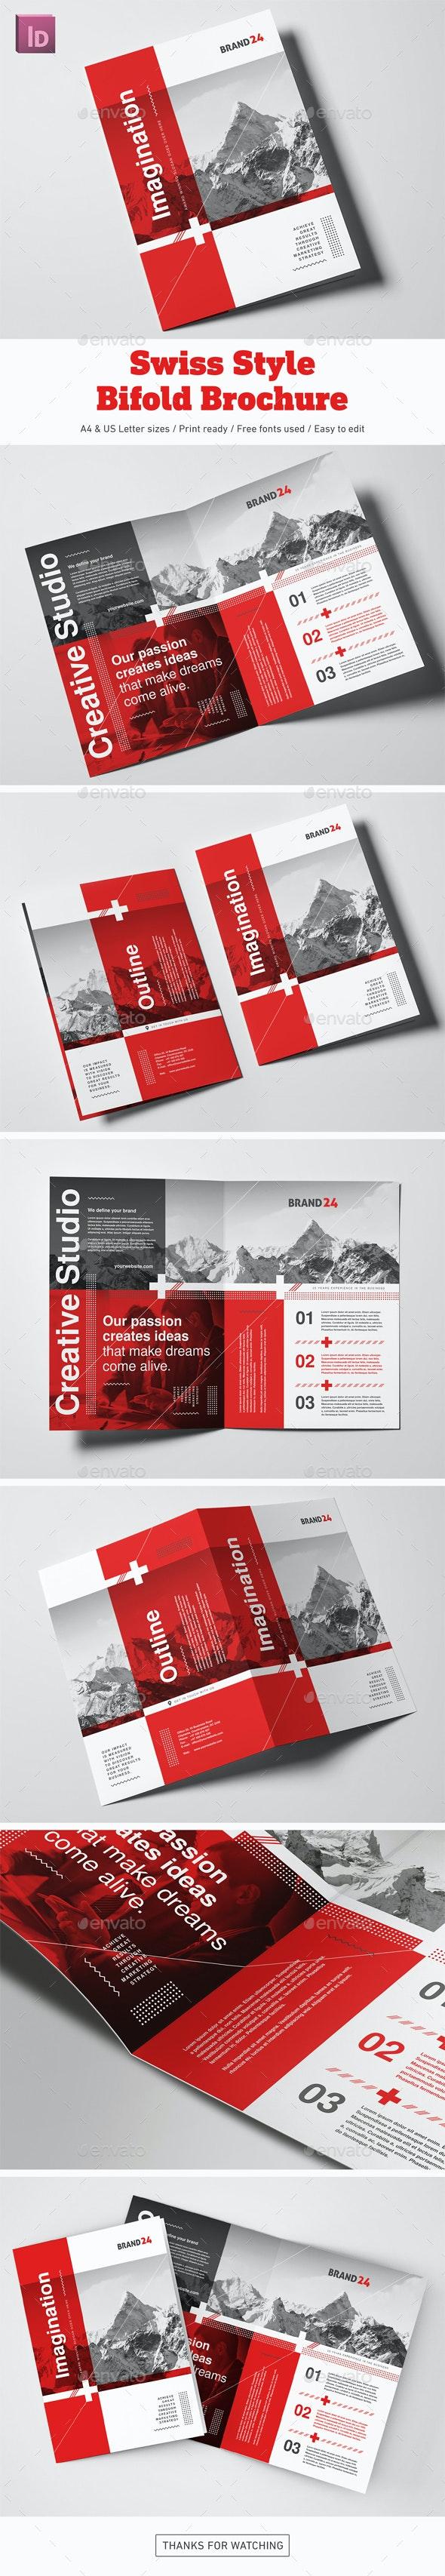 Swiss Style Bifold Brochure - Corporate Brochures